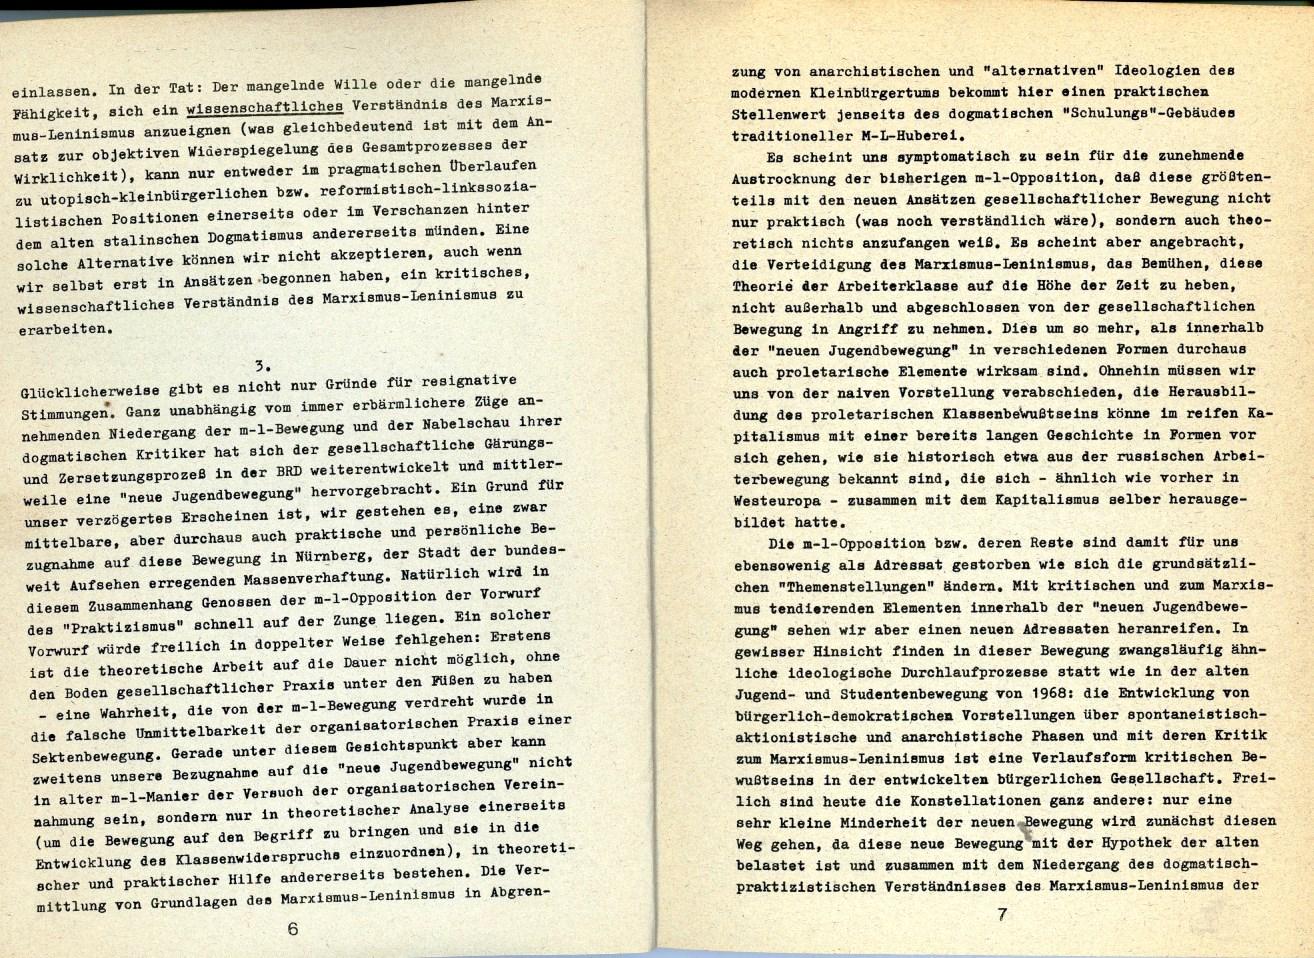 Erlangen_VNS_Neue_Stroemung_1981_04_05